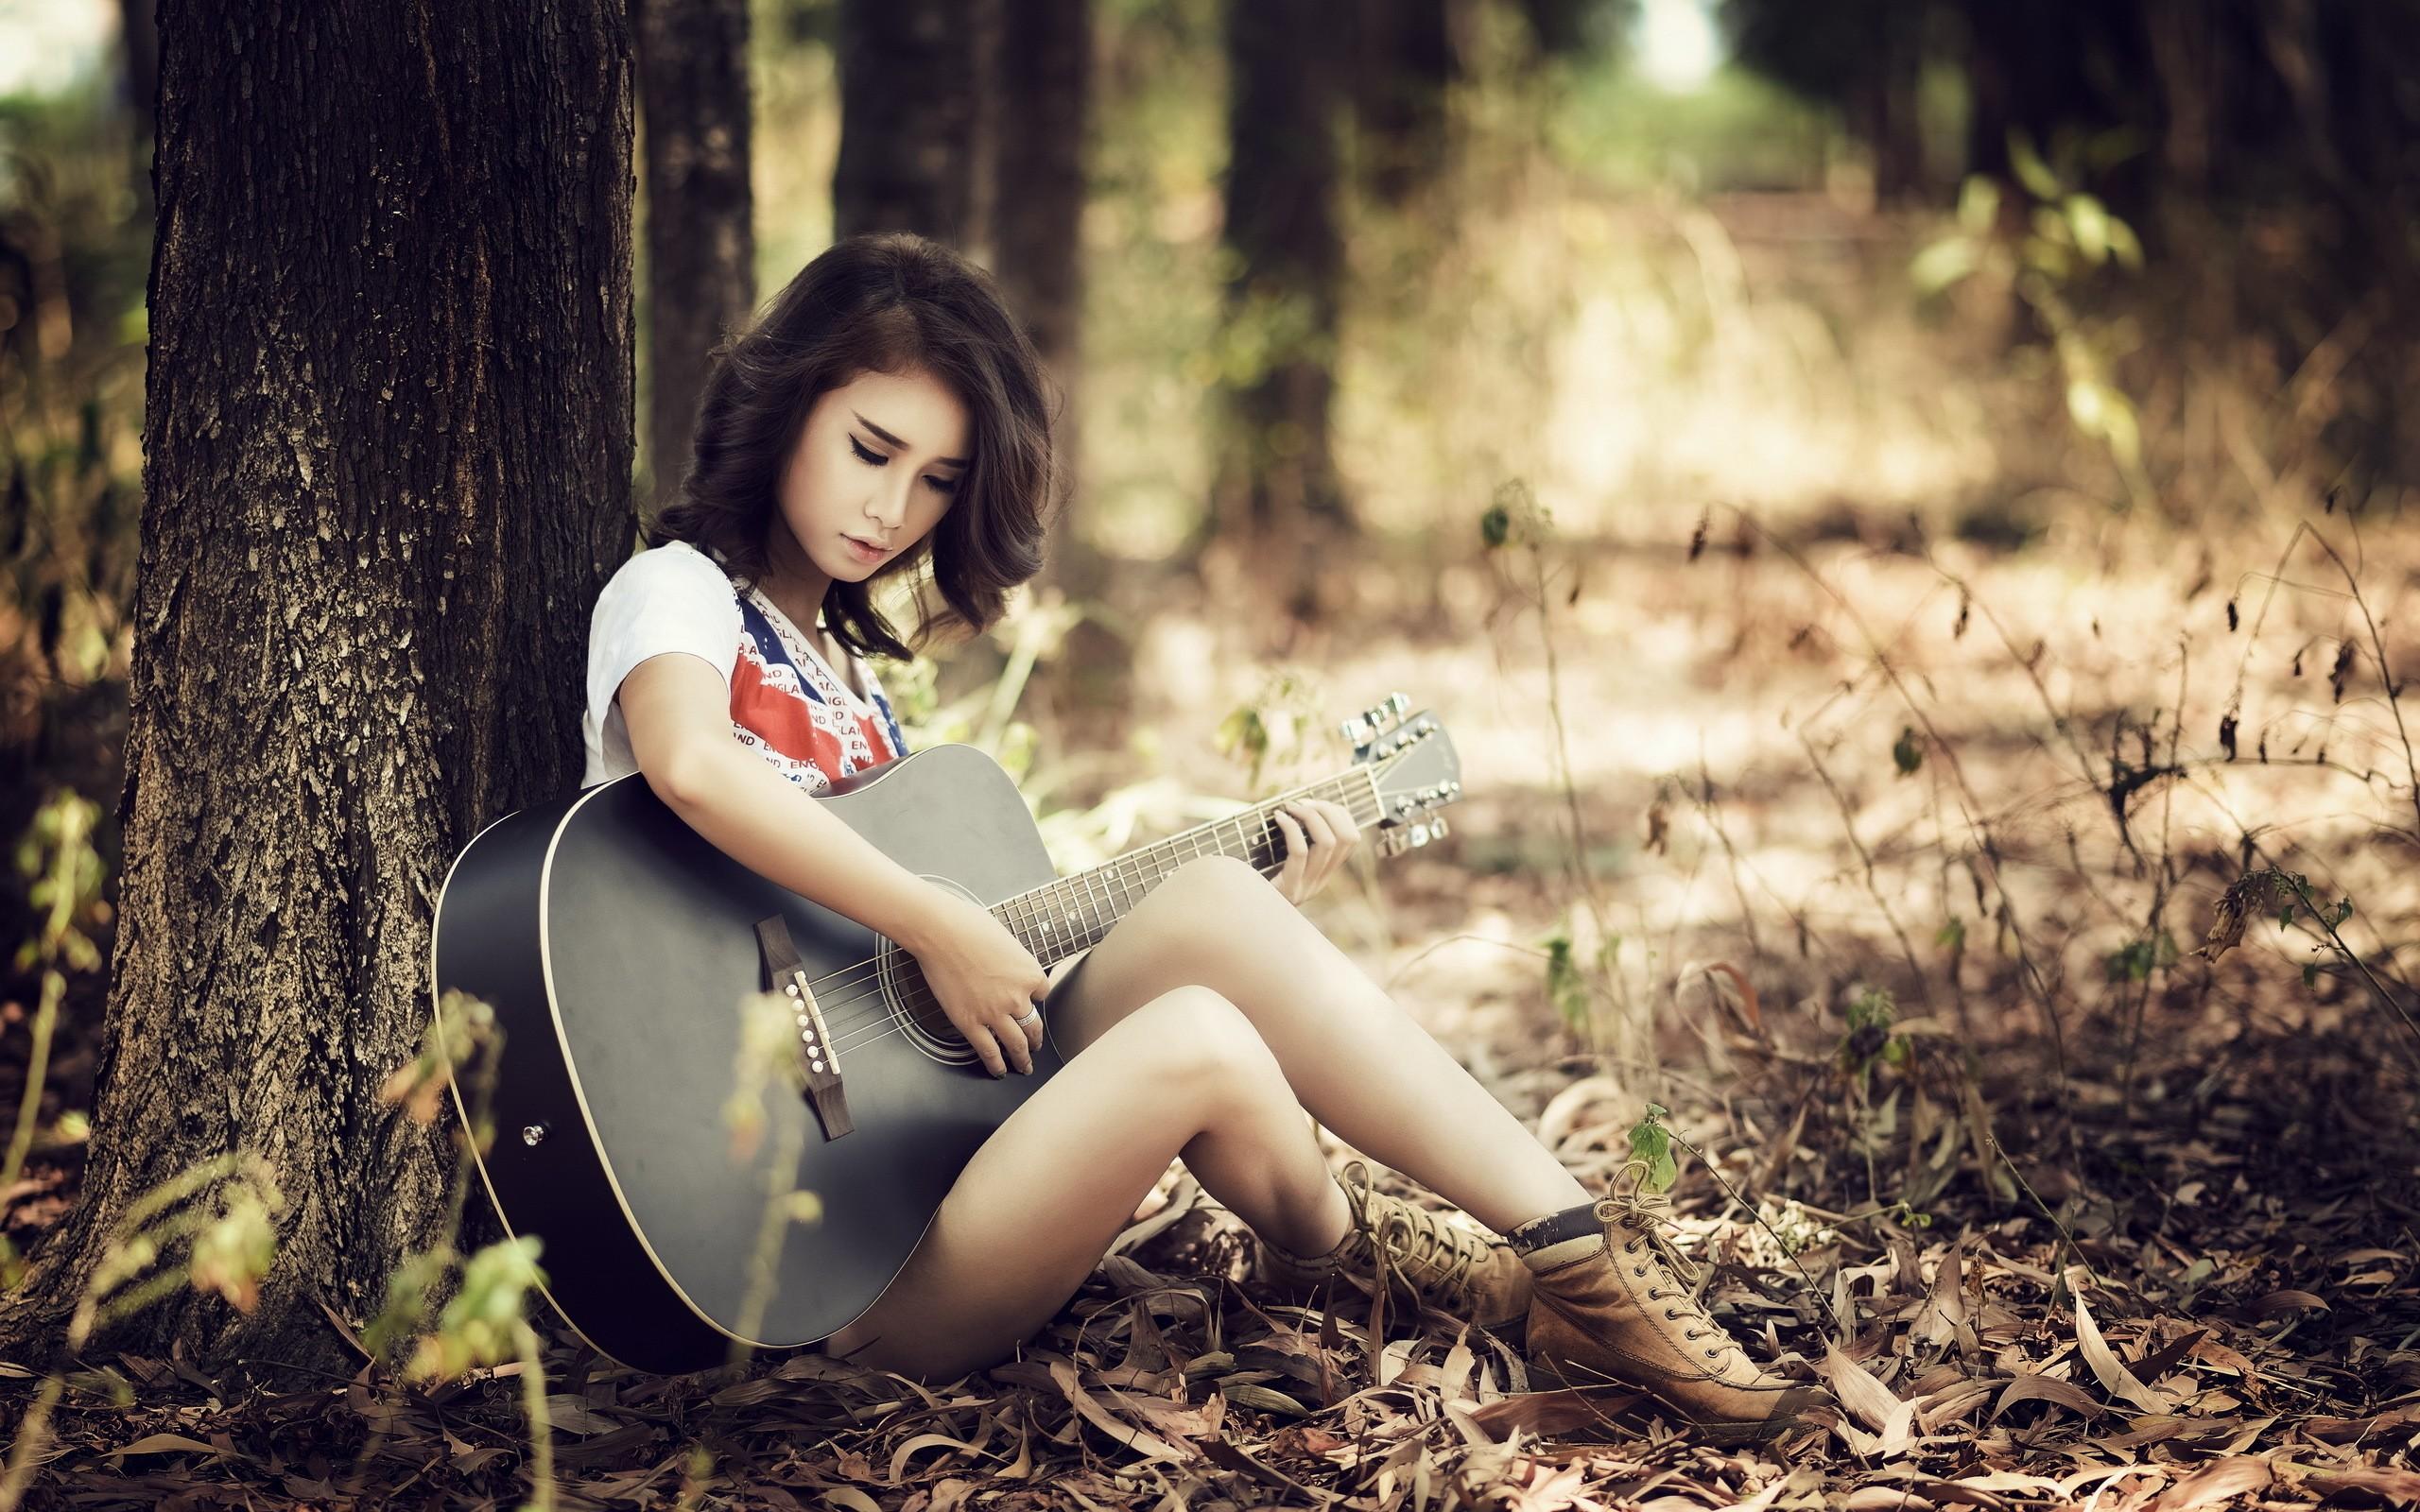 brunette women outdoors sitting guitar guitarist women asian